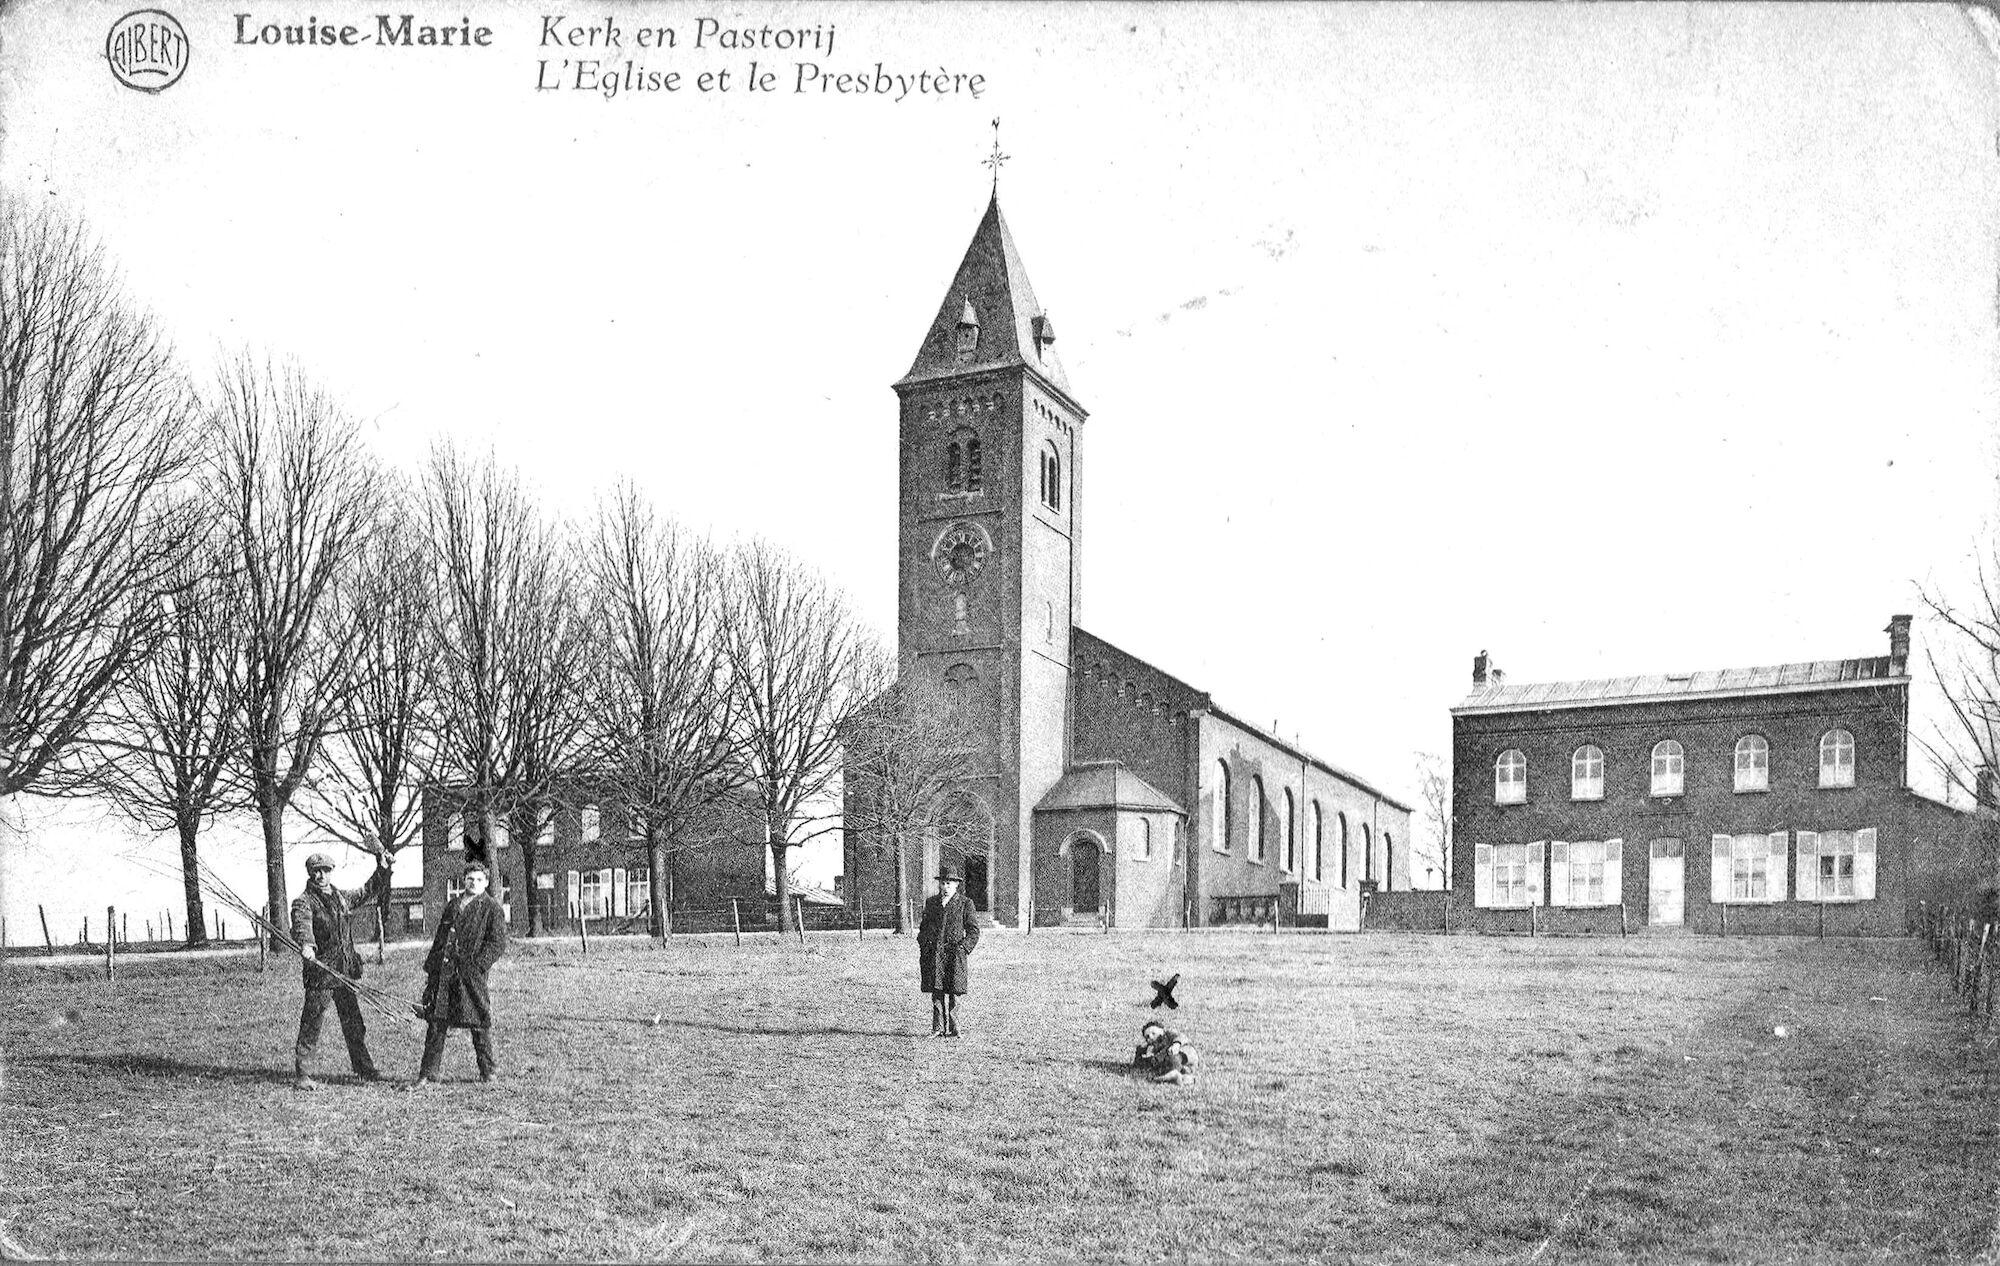 Louise Marie: kerk en pastorij 1929